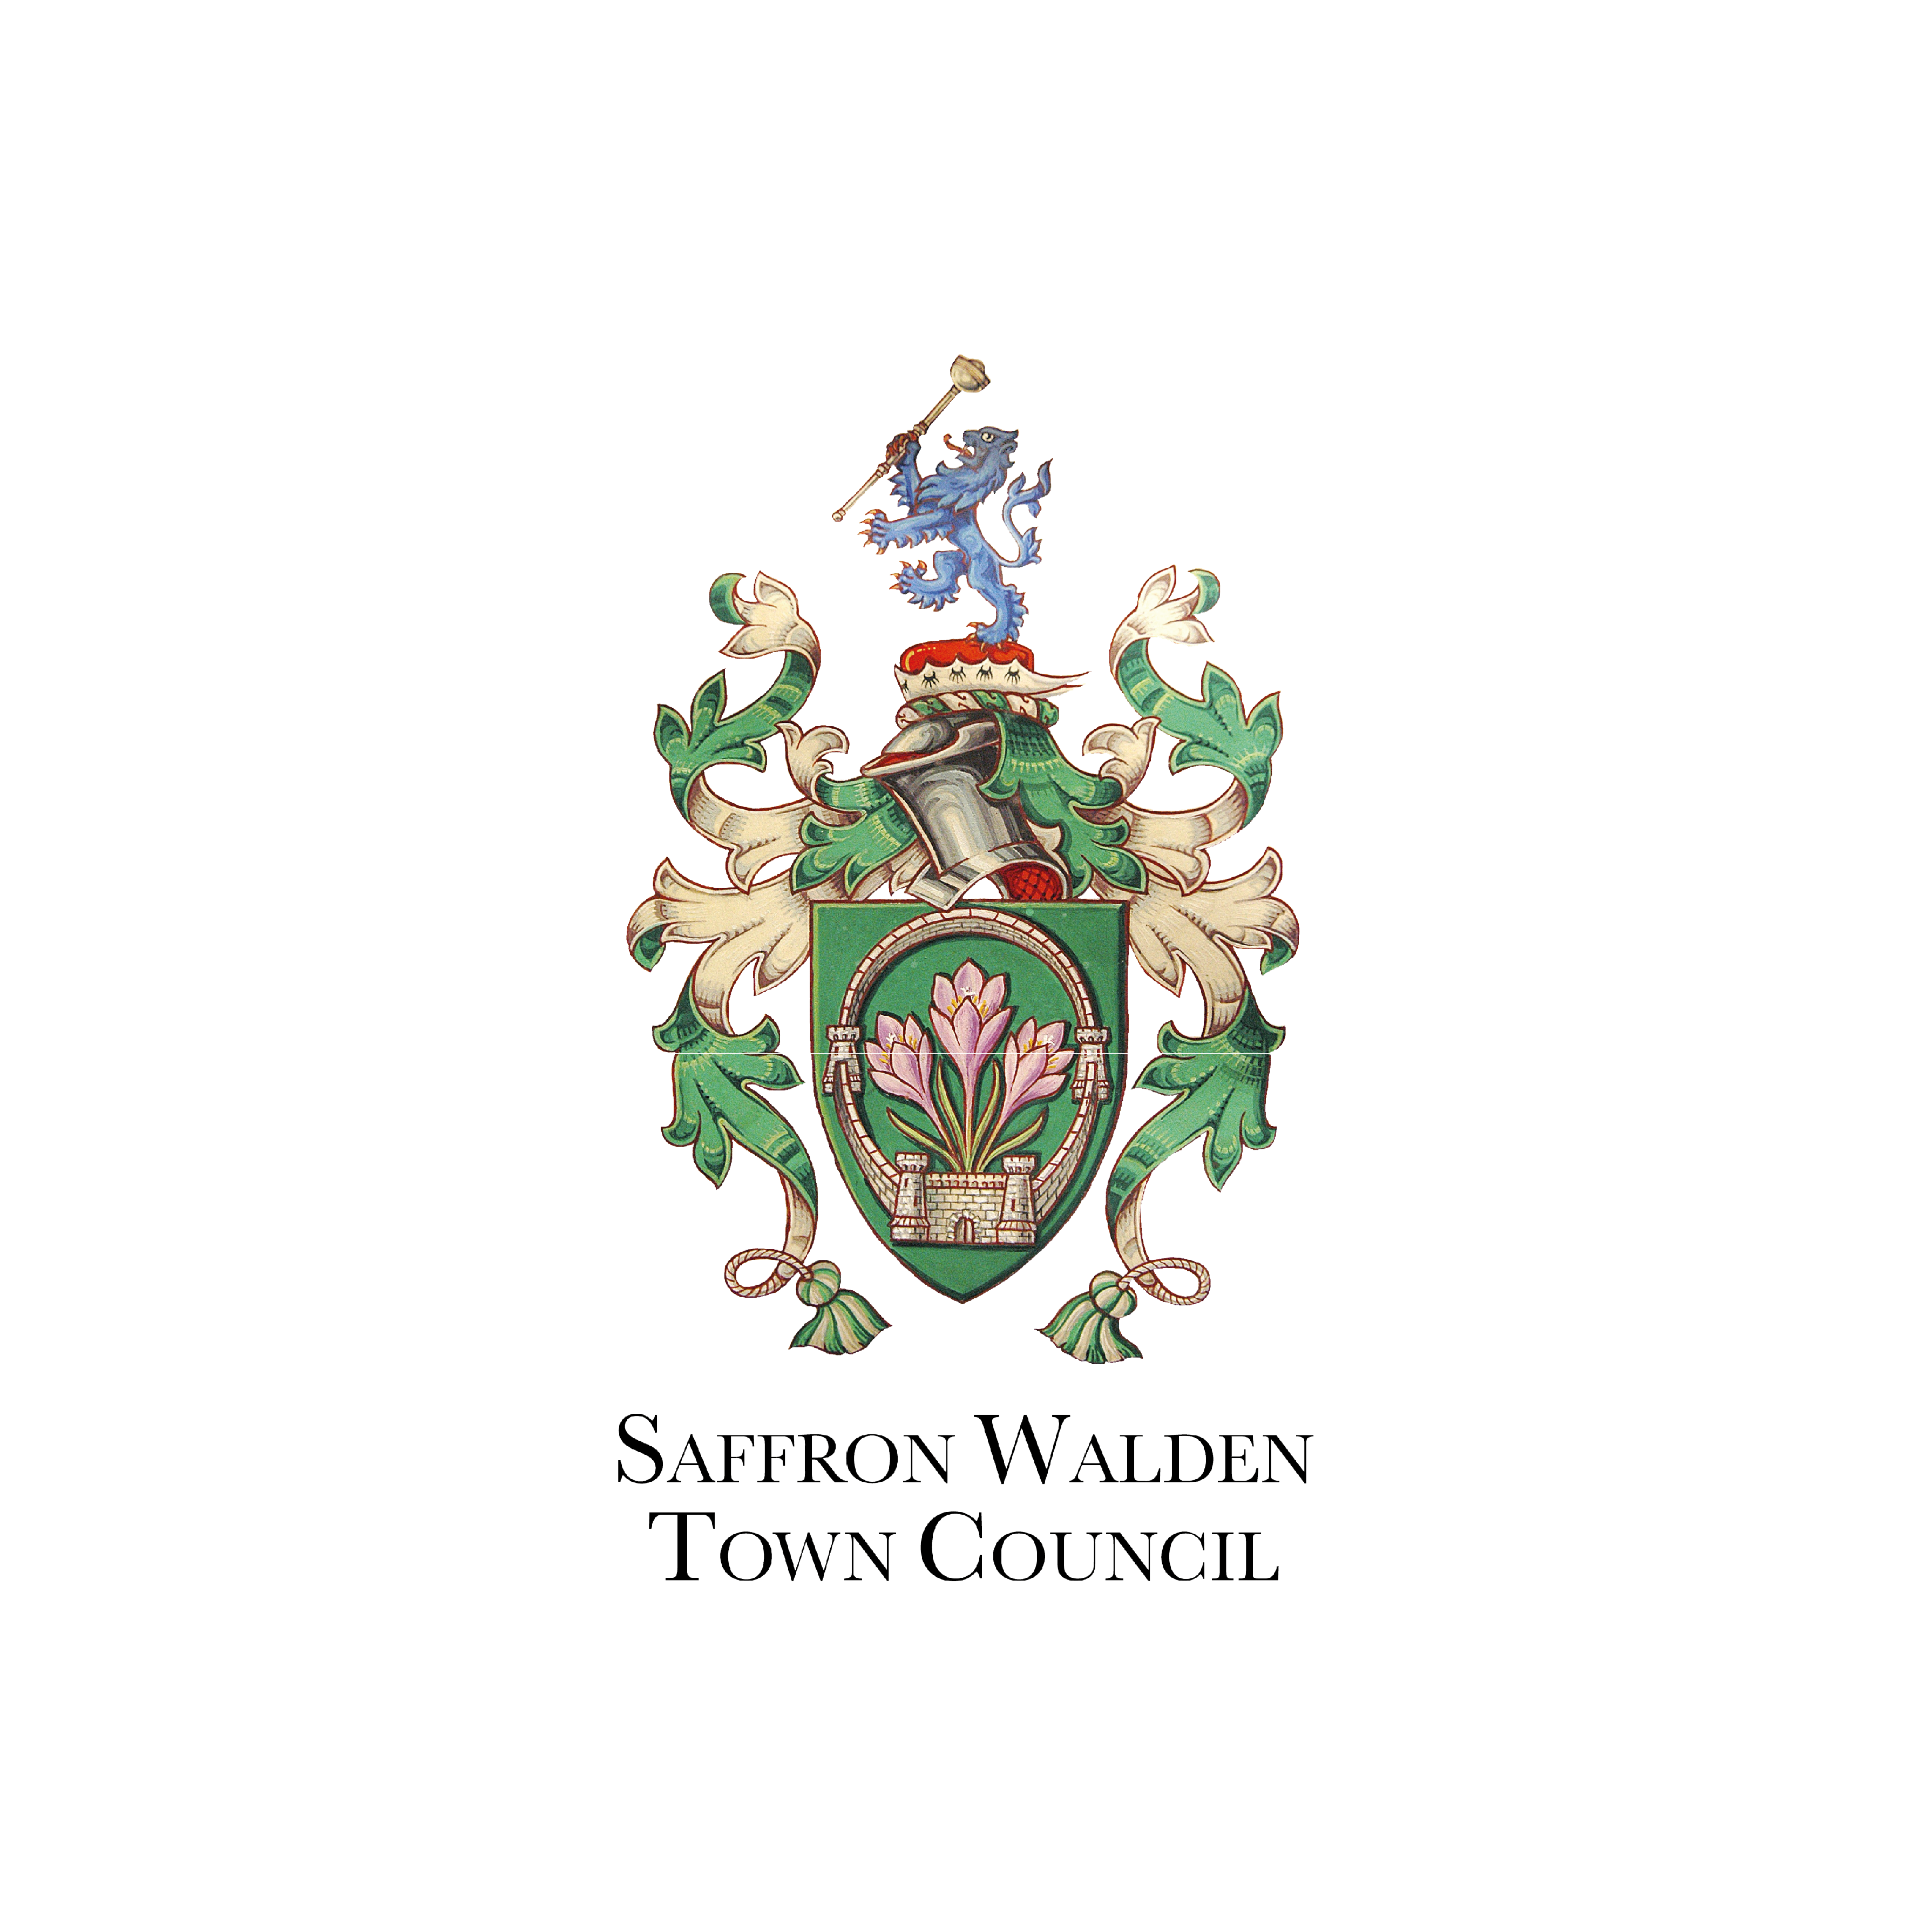 Saffron Walden Town Council